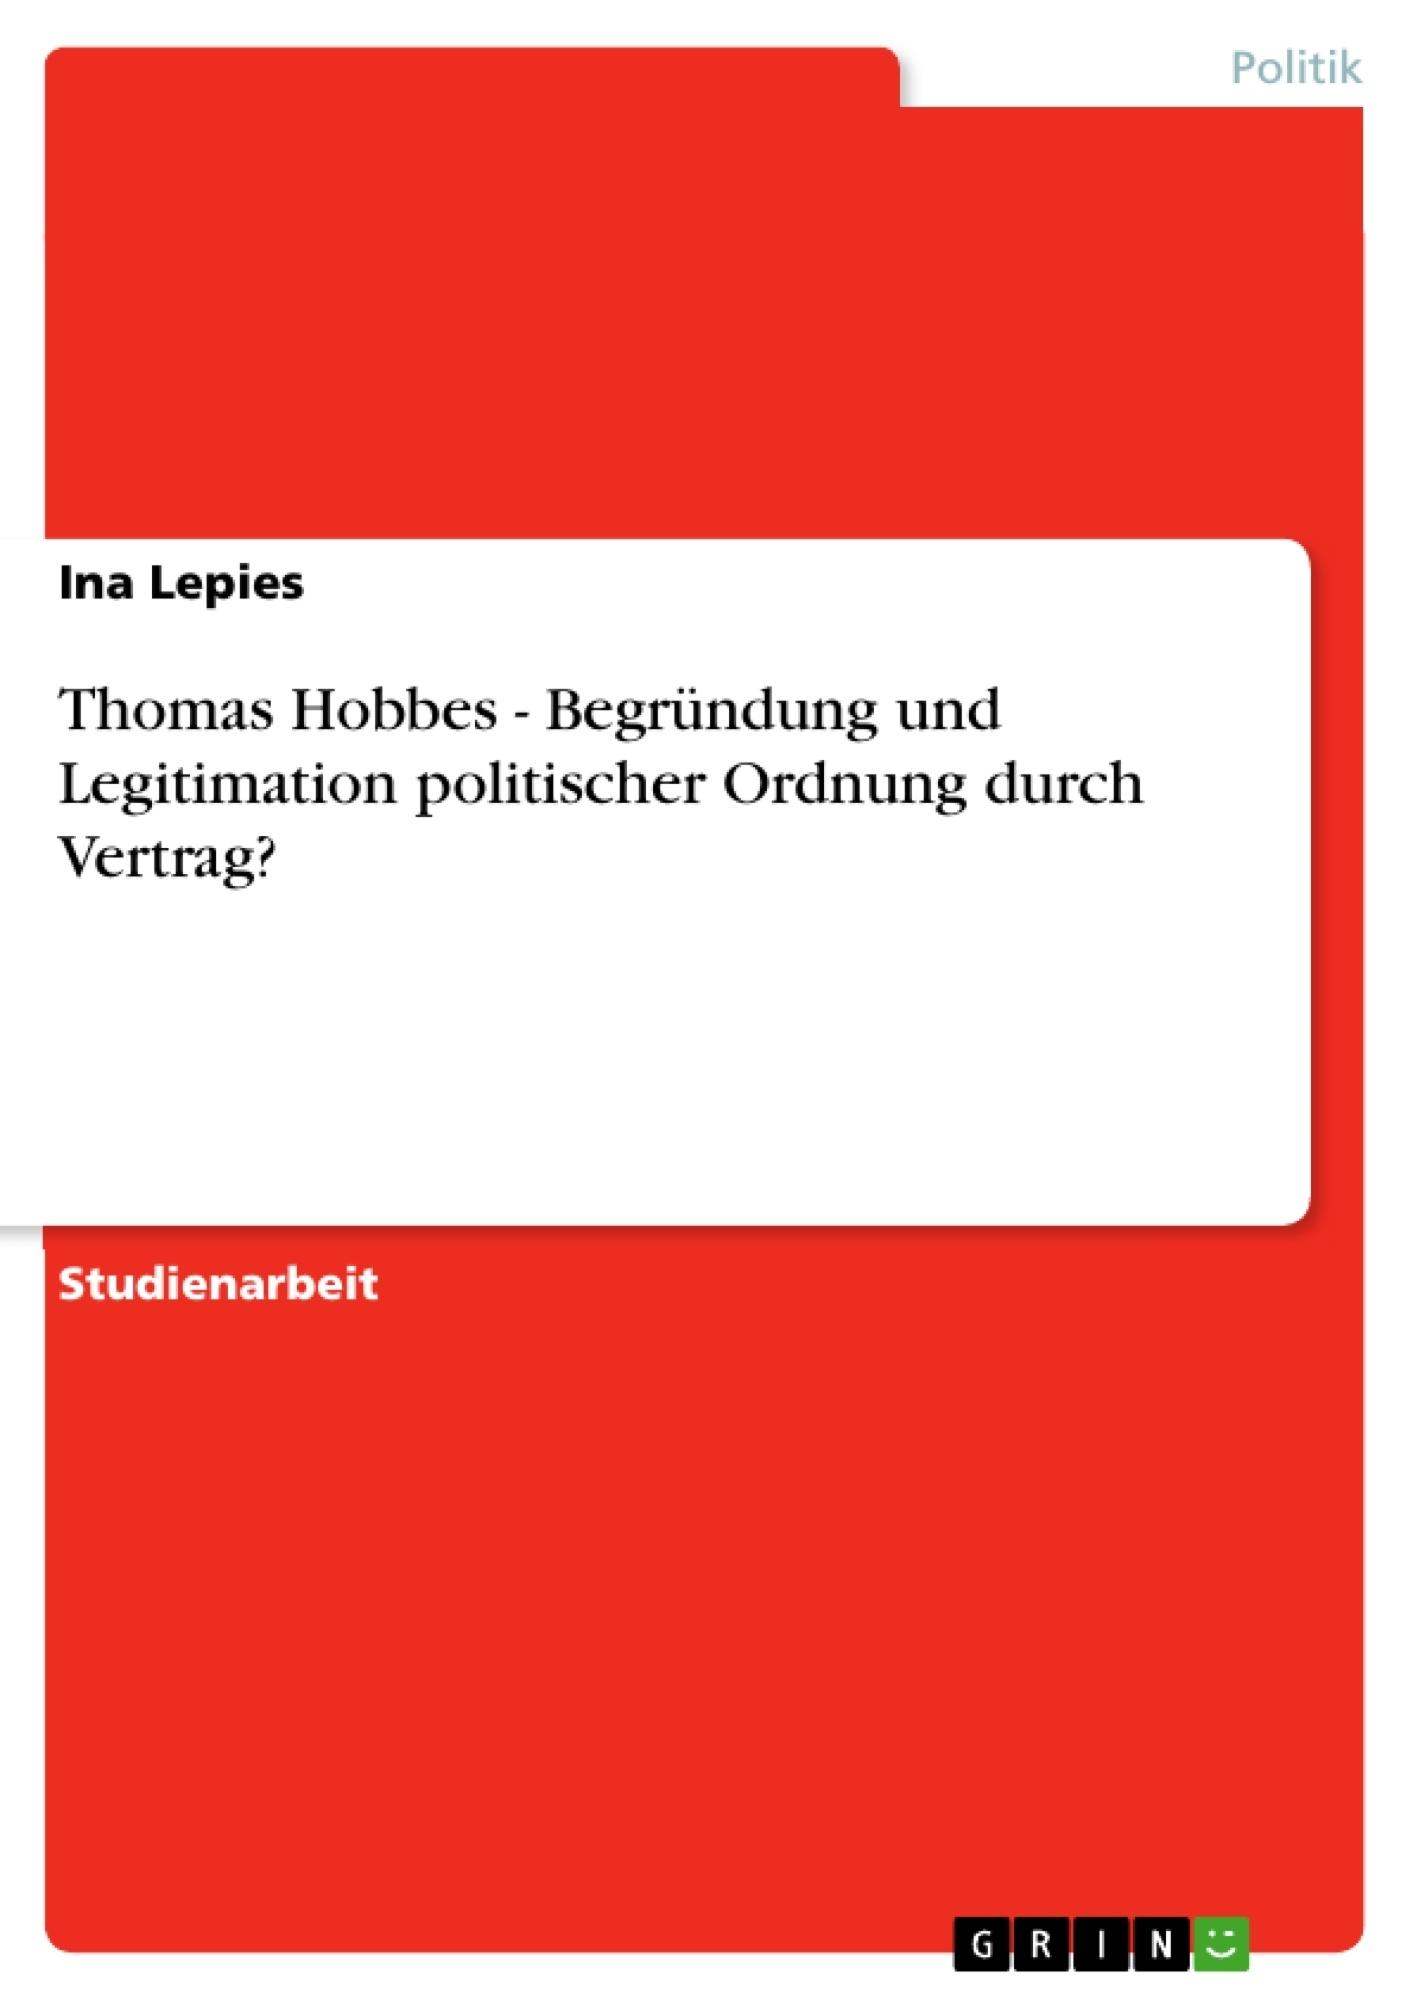 Titel: Thomas Hobbes - Begründung und Legitimation politischer Ordnung durch Vertrag?